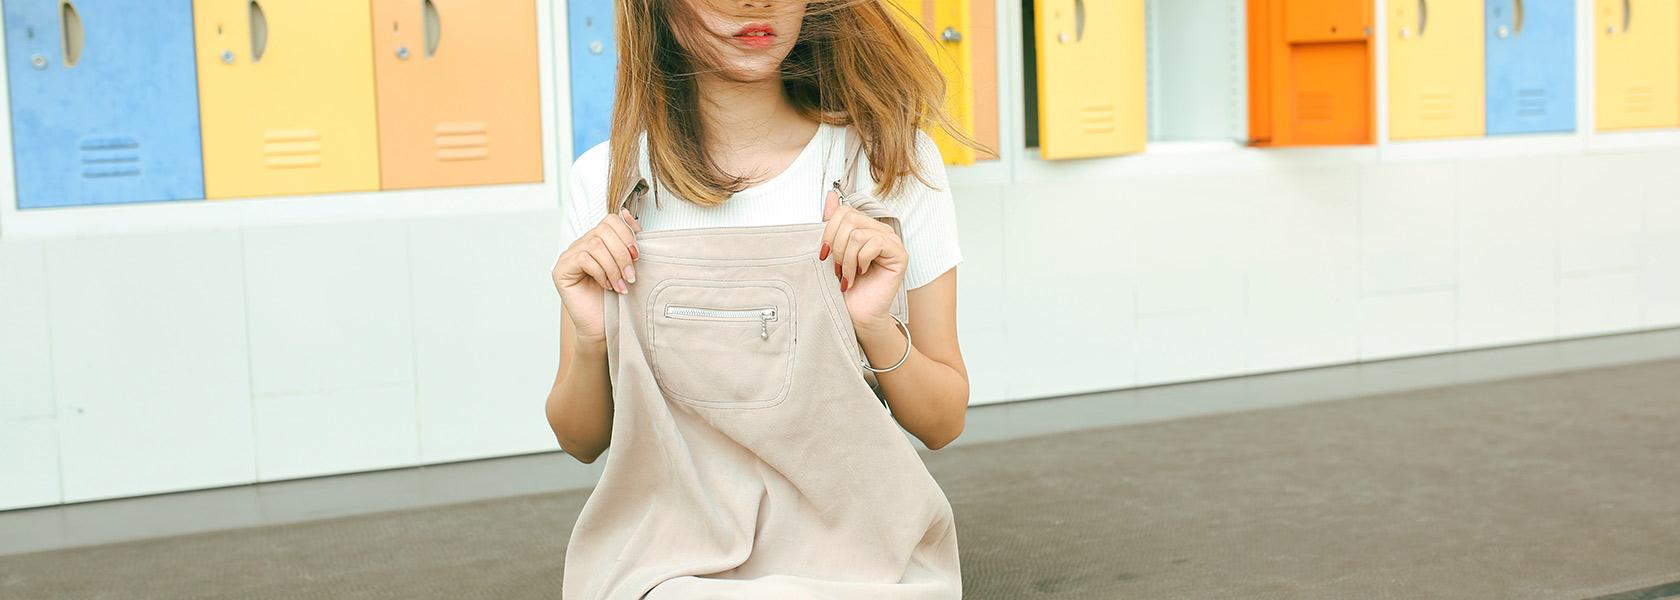 コーデ術を身に付けて韓国服(オルチャンファッション)を楽しもう♪-オーバーオールを着た女性